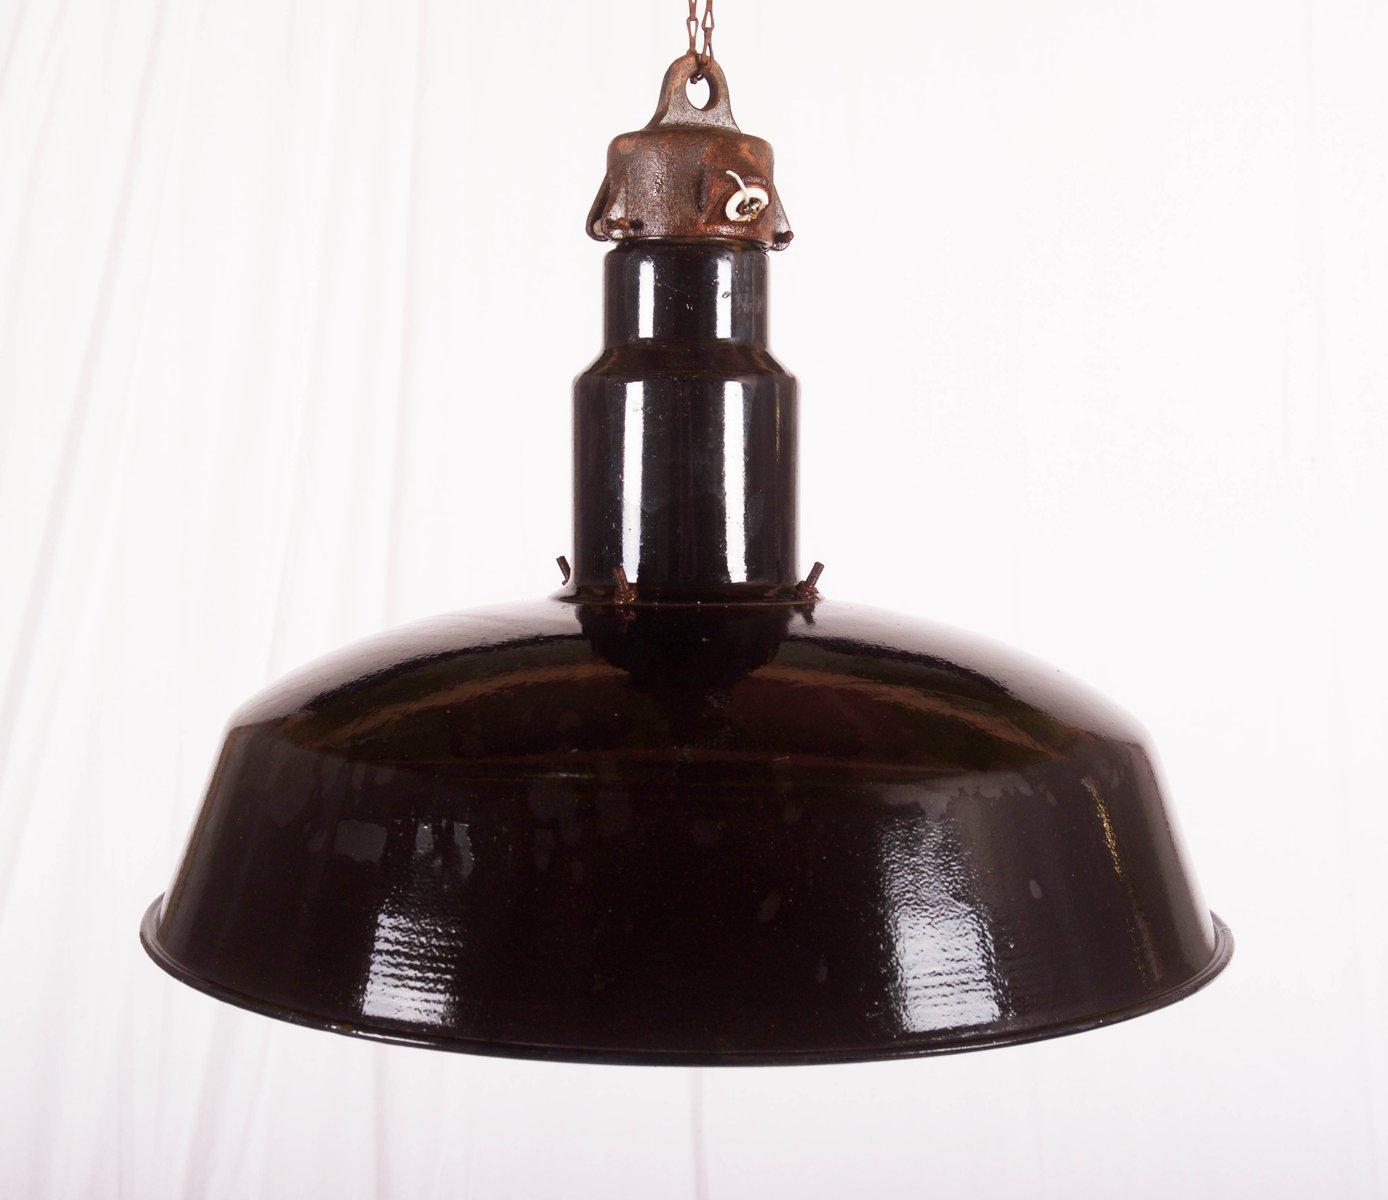 gro e emaillierte tschechische industrie deckenlampe 1960er bei pamono kaufen. Black Bedroom Furniture Sets. Home Design Ideas